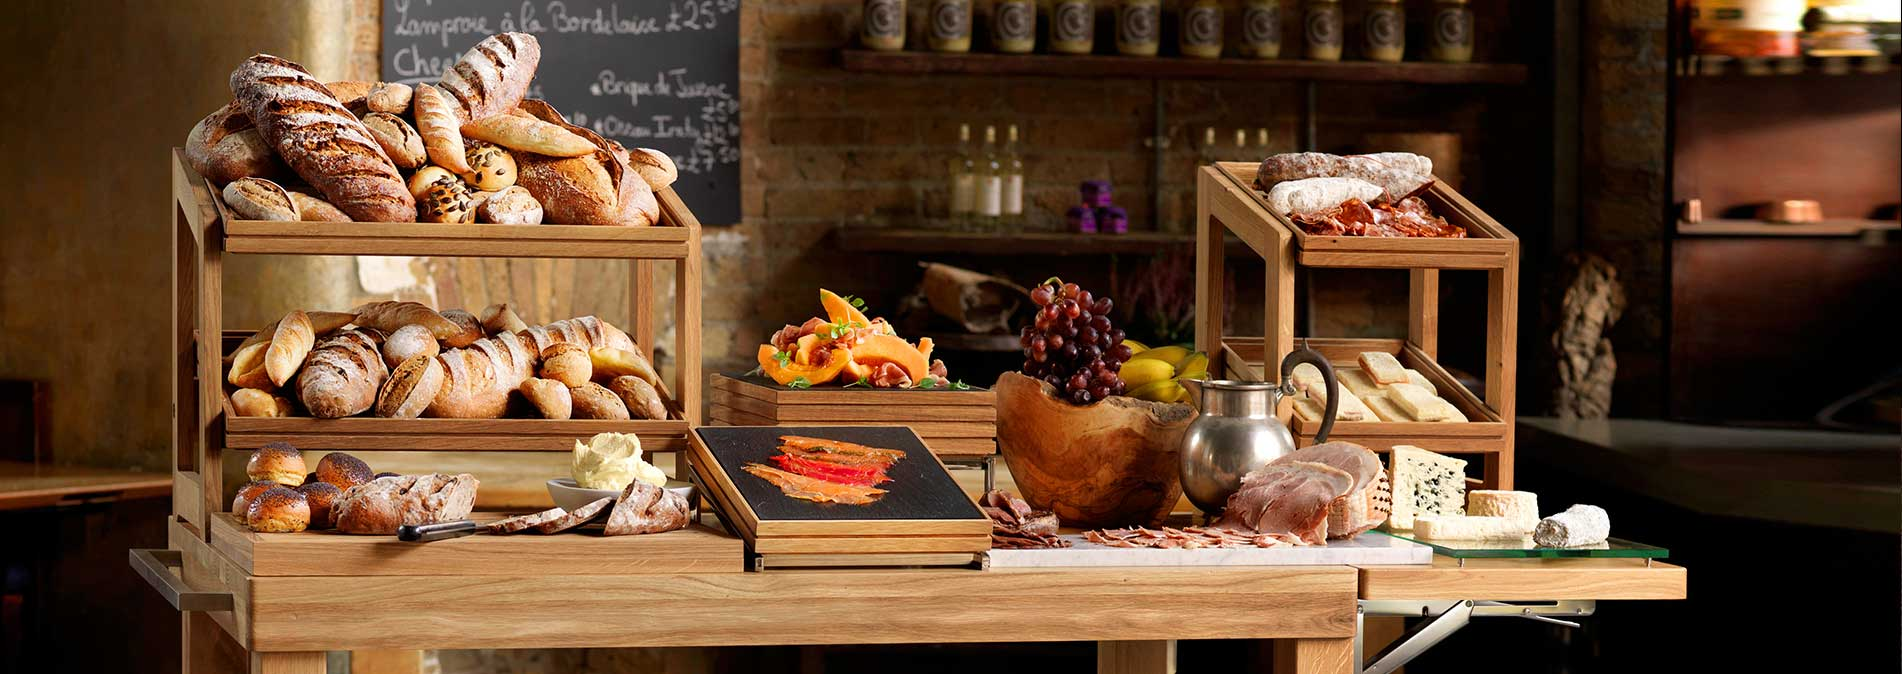 Horeca Suppliers Kitchen Equipment Suppliers Best